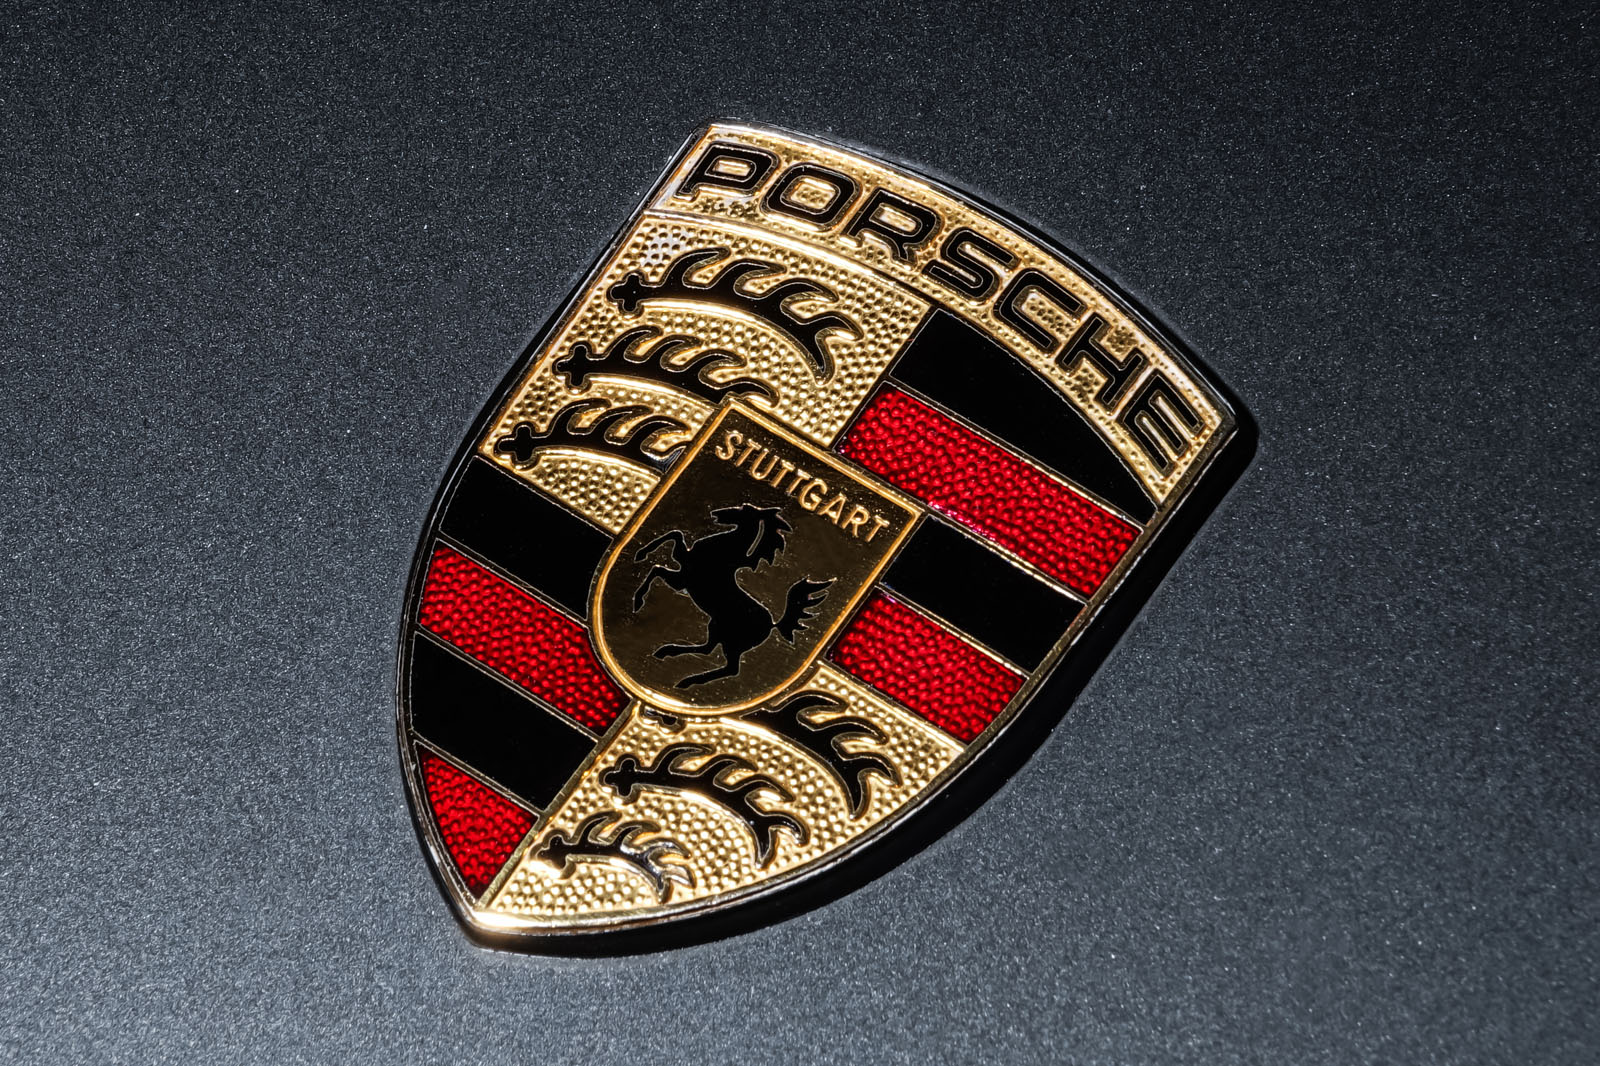 Porsche_993_Carrera_Cabrio_Grau_Schwarz_POR-2375_12_w